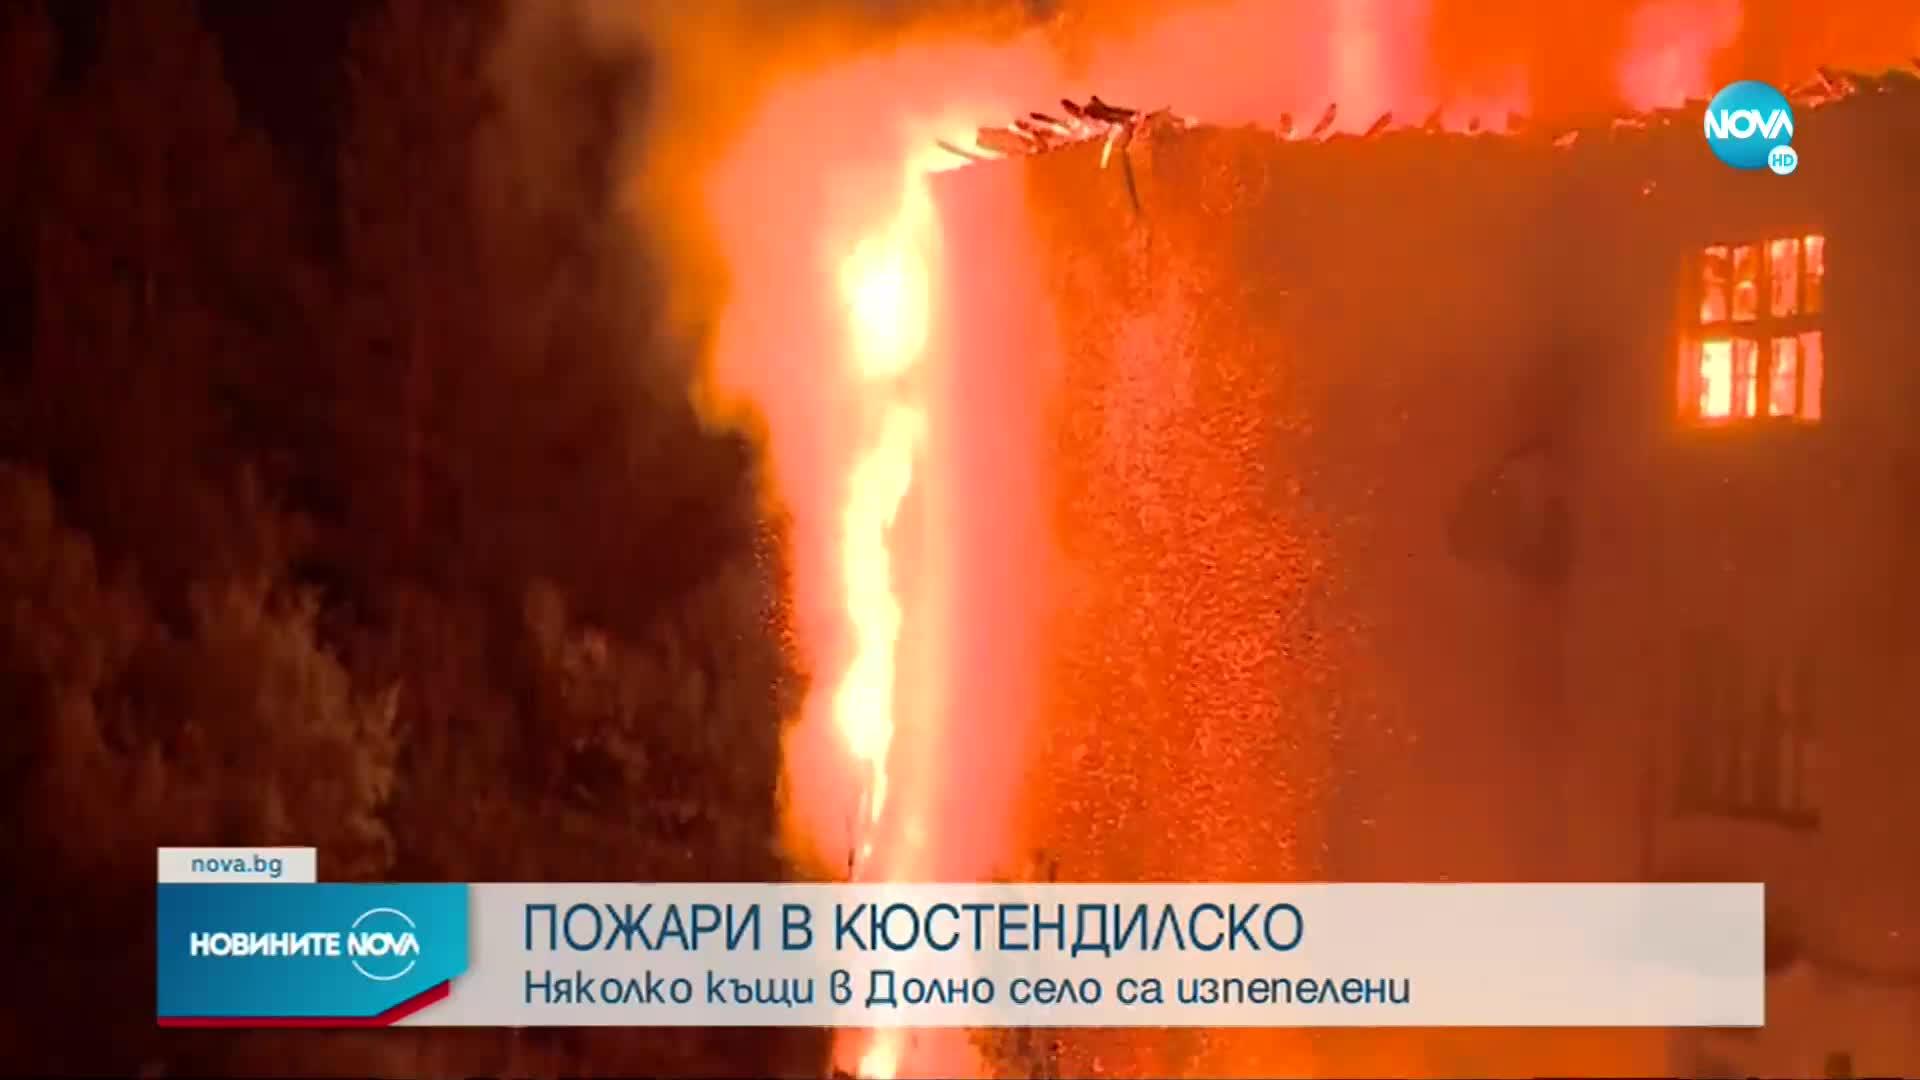 ПОЖАРИ В КЮСТЕНДИЛСКО: Изгоряха 15 къщи и училище